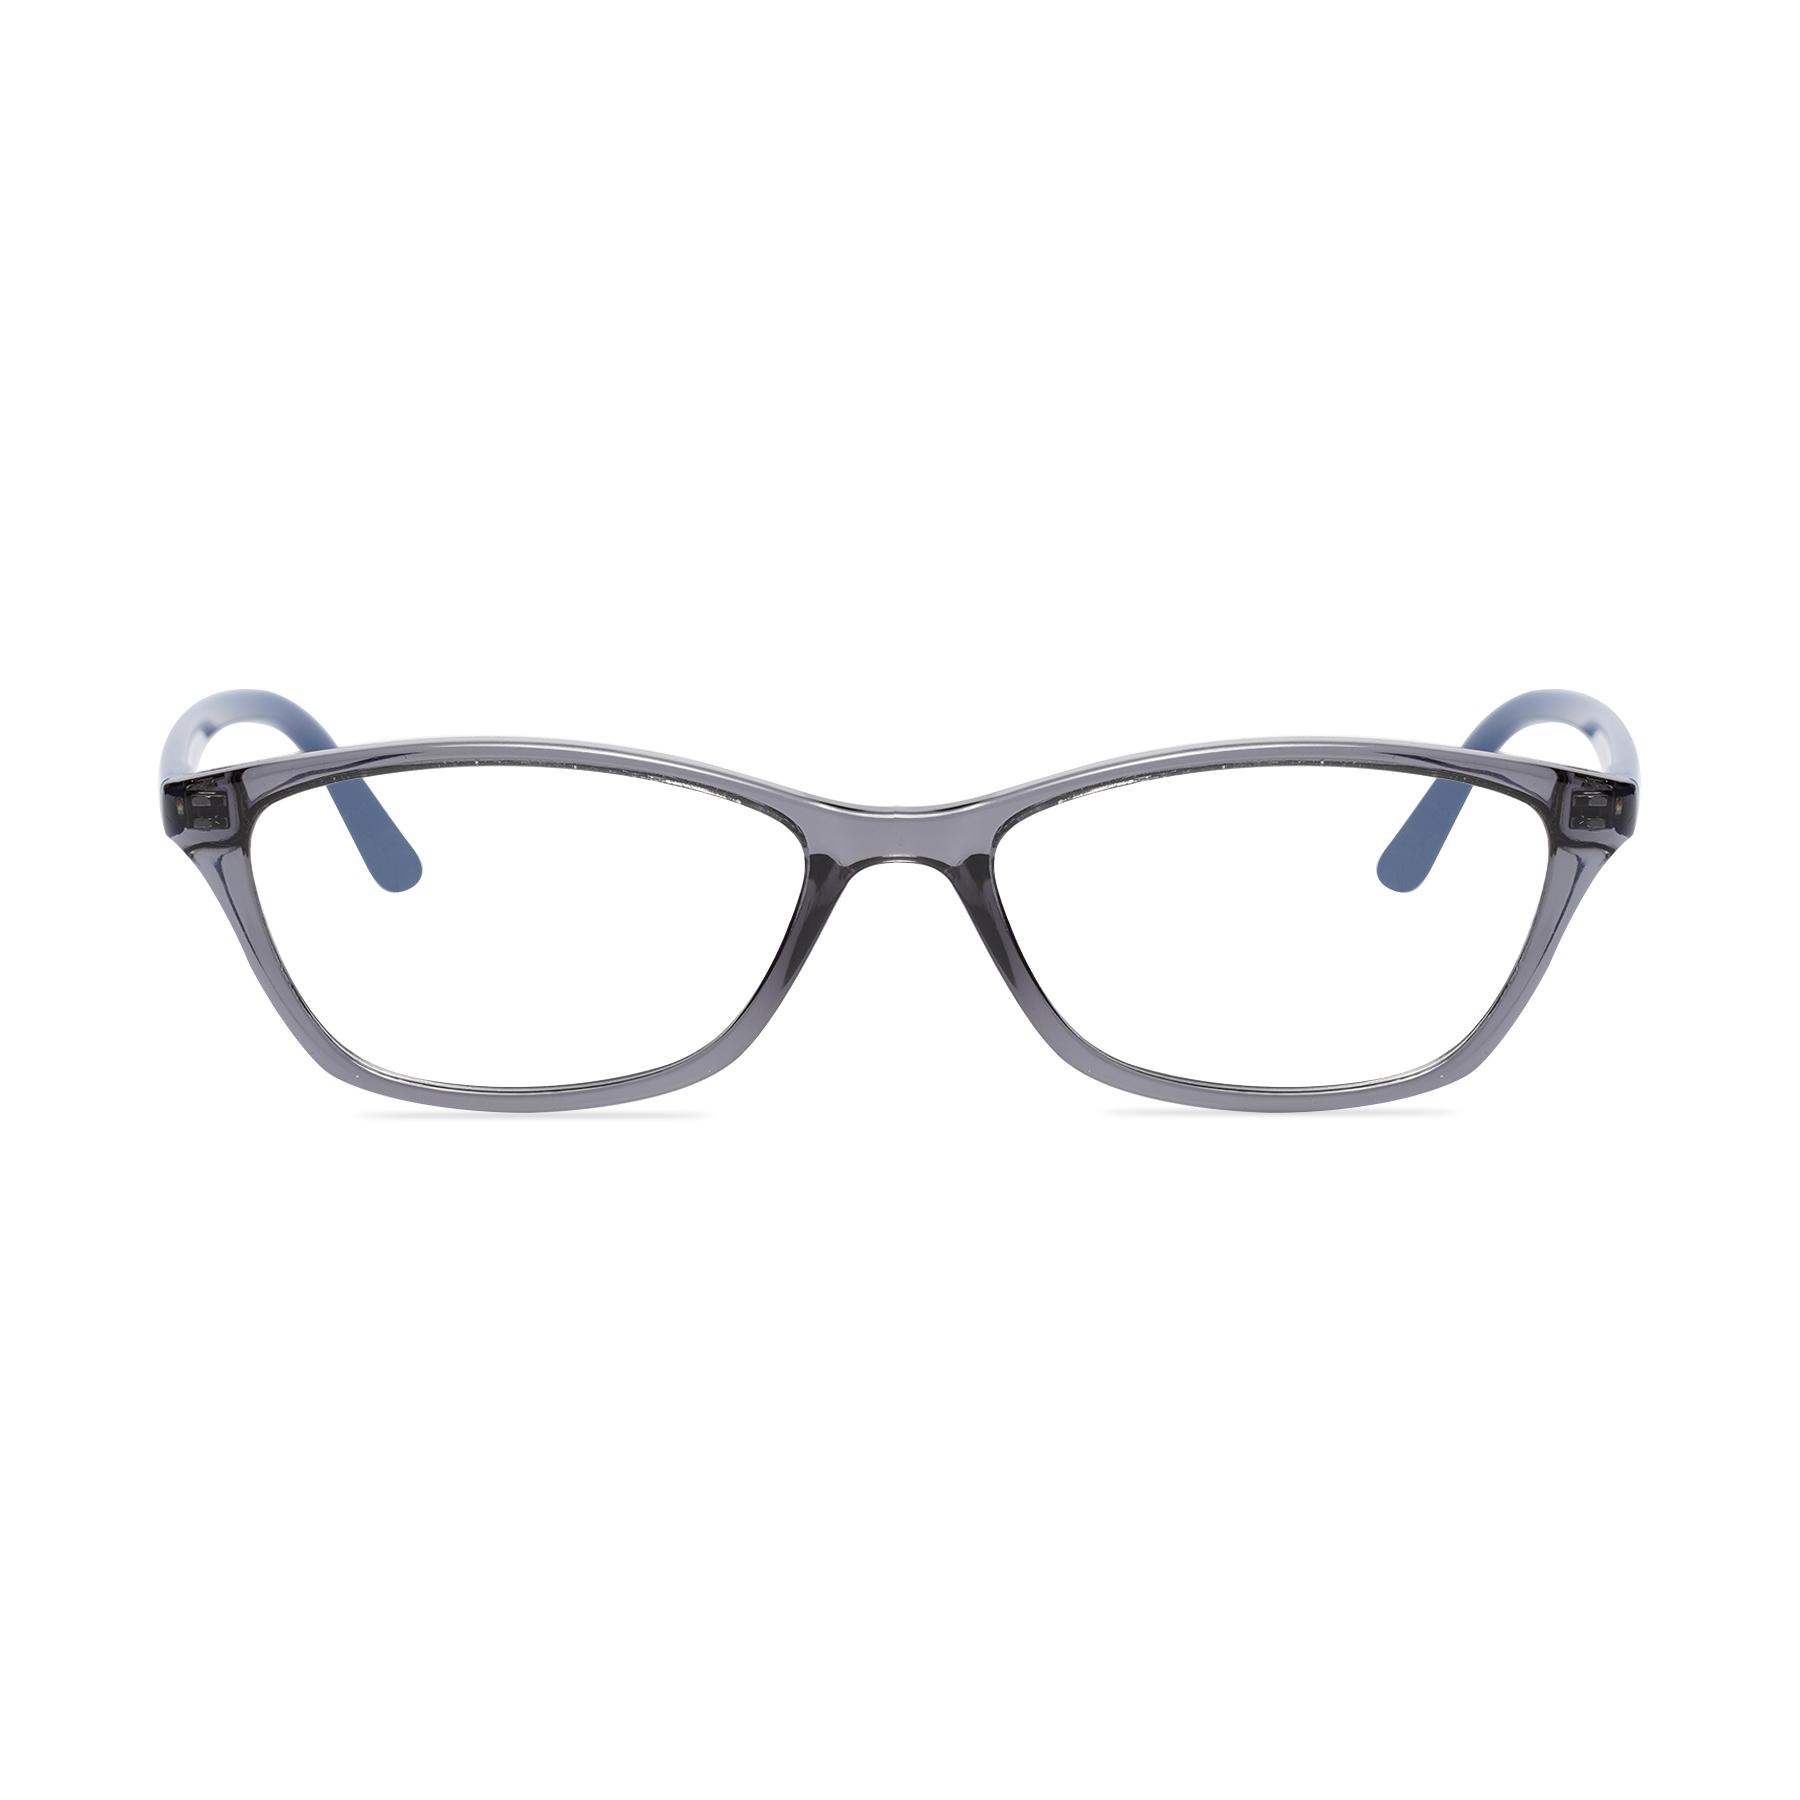 Vinaldi 2032 Gözlük Çerçevesi